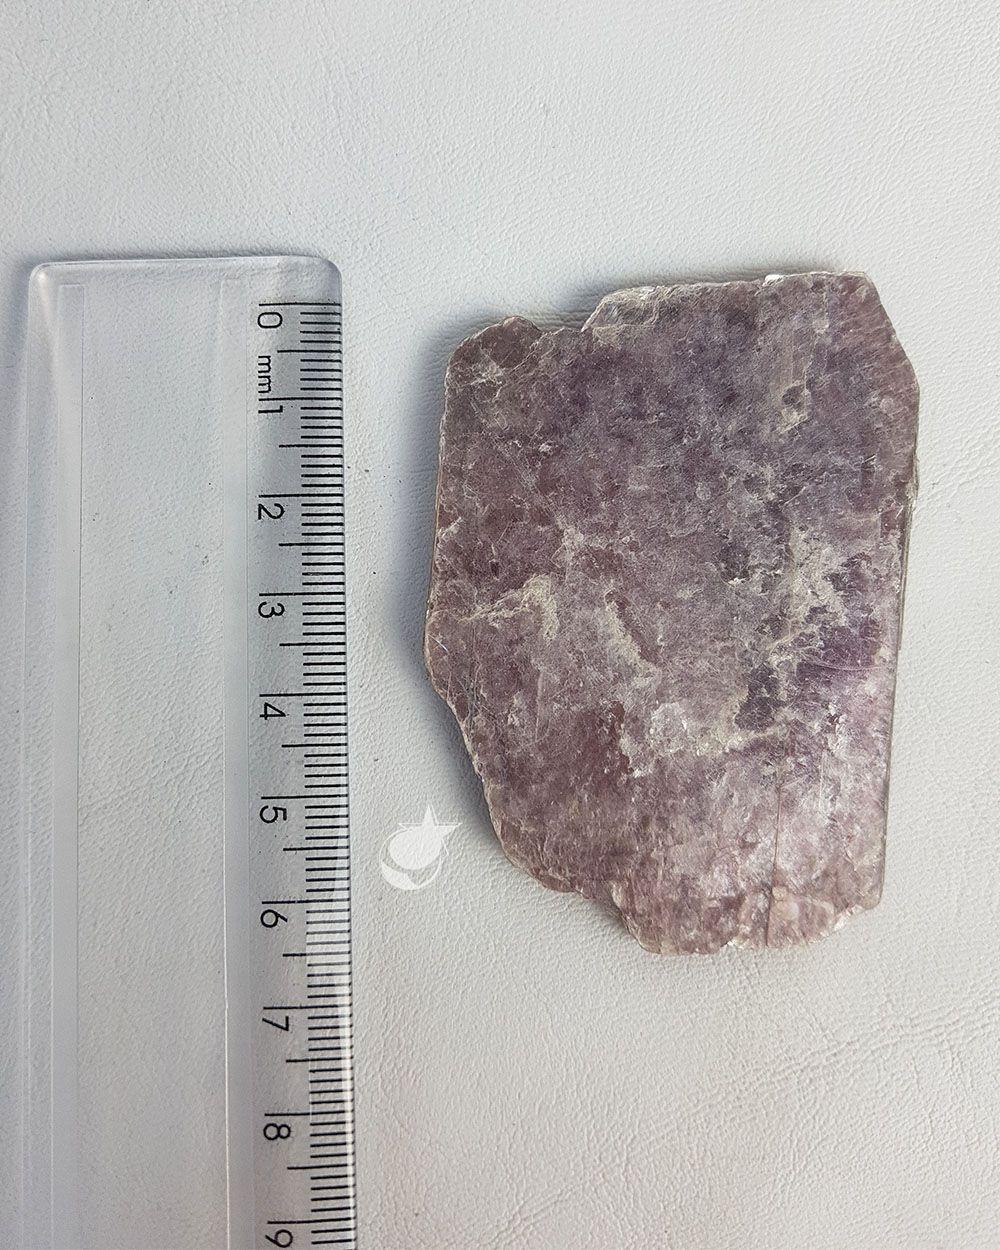 MICA LILÁS BRUTA - UNIDADE - média de 6 a 7 cm